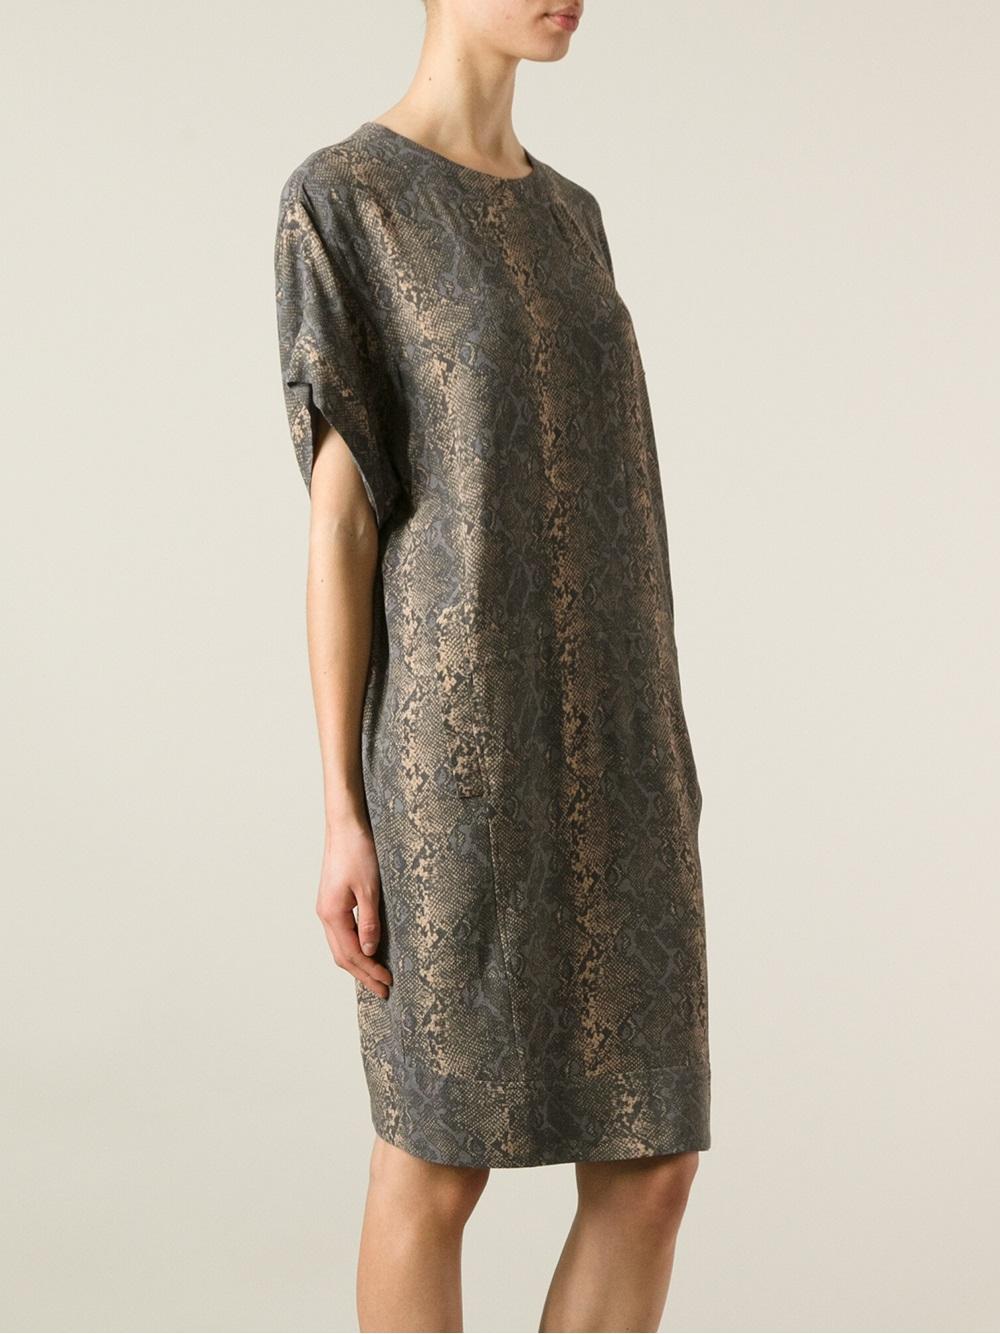 15ed1bb1affb Day Birger et Mikkelsen Sneak Dress in Metallic - Lyst